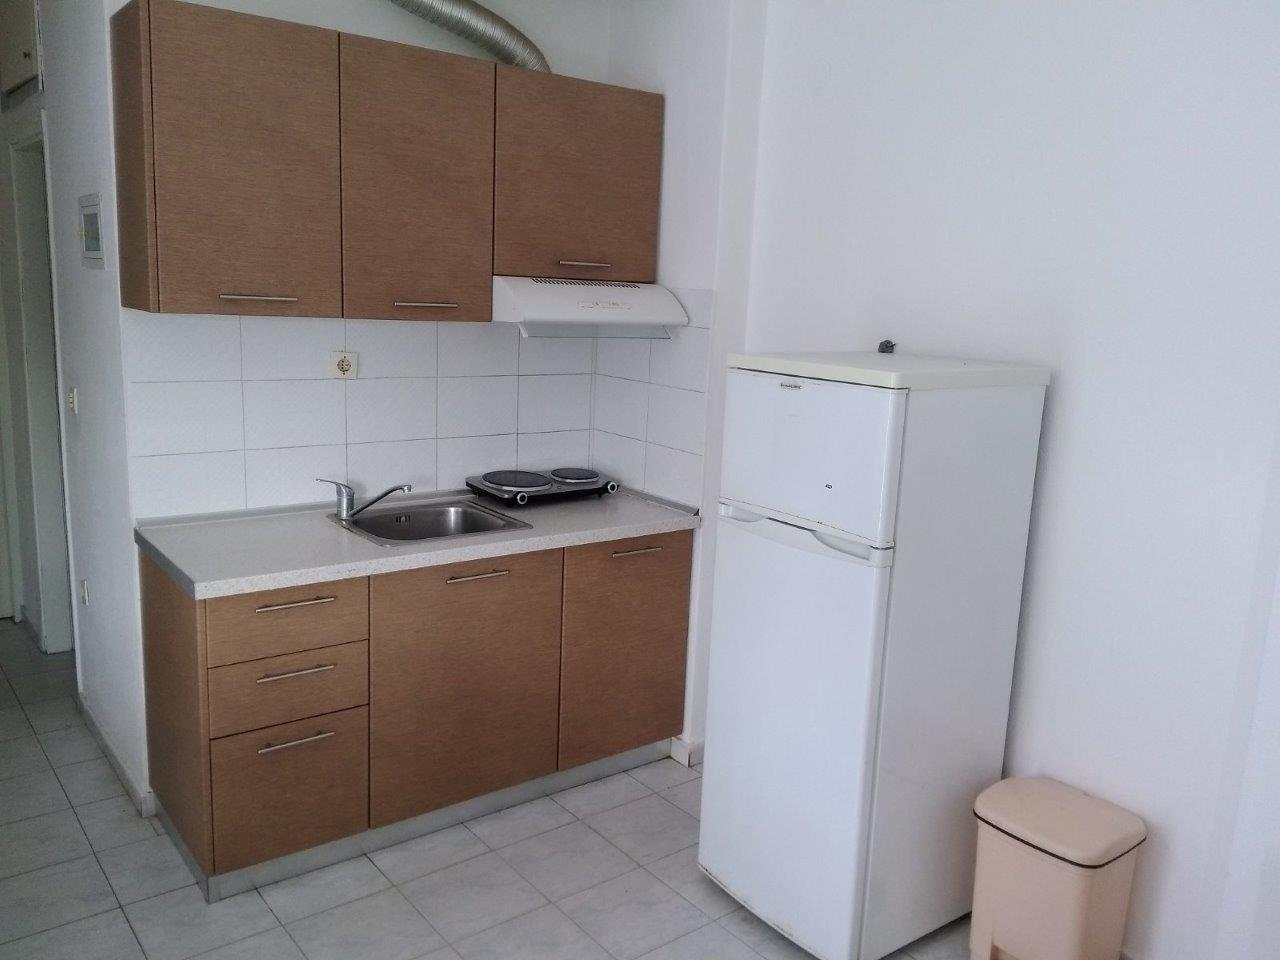 Grcka apartmani letovanje, Pefkohori, Halkidiki, Adonis, kuhinja